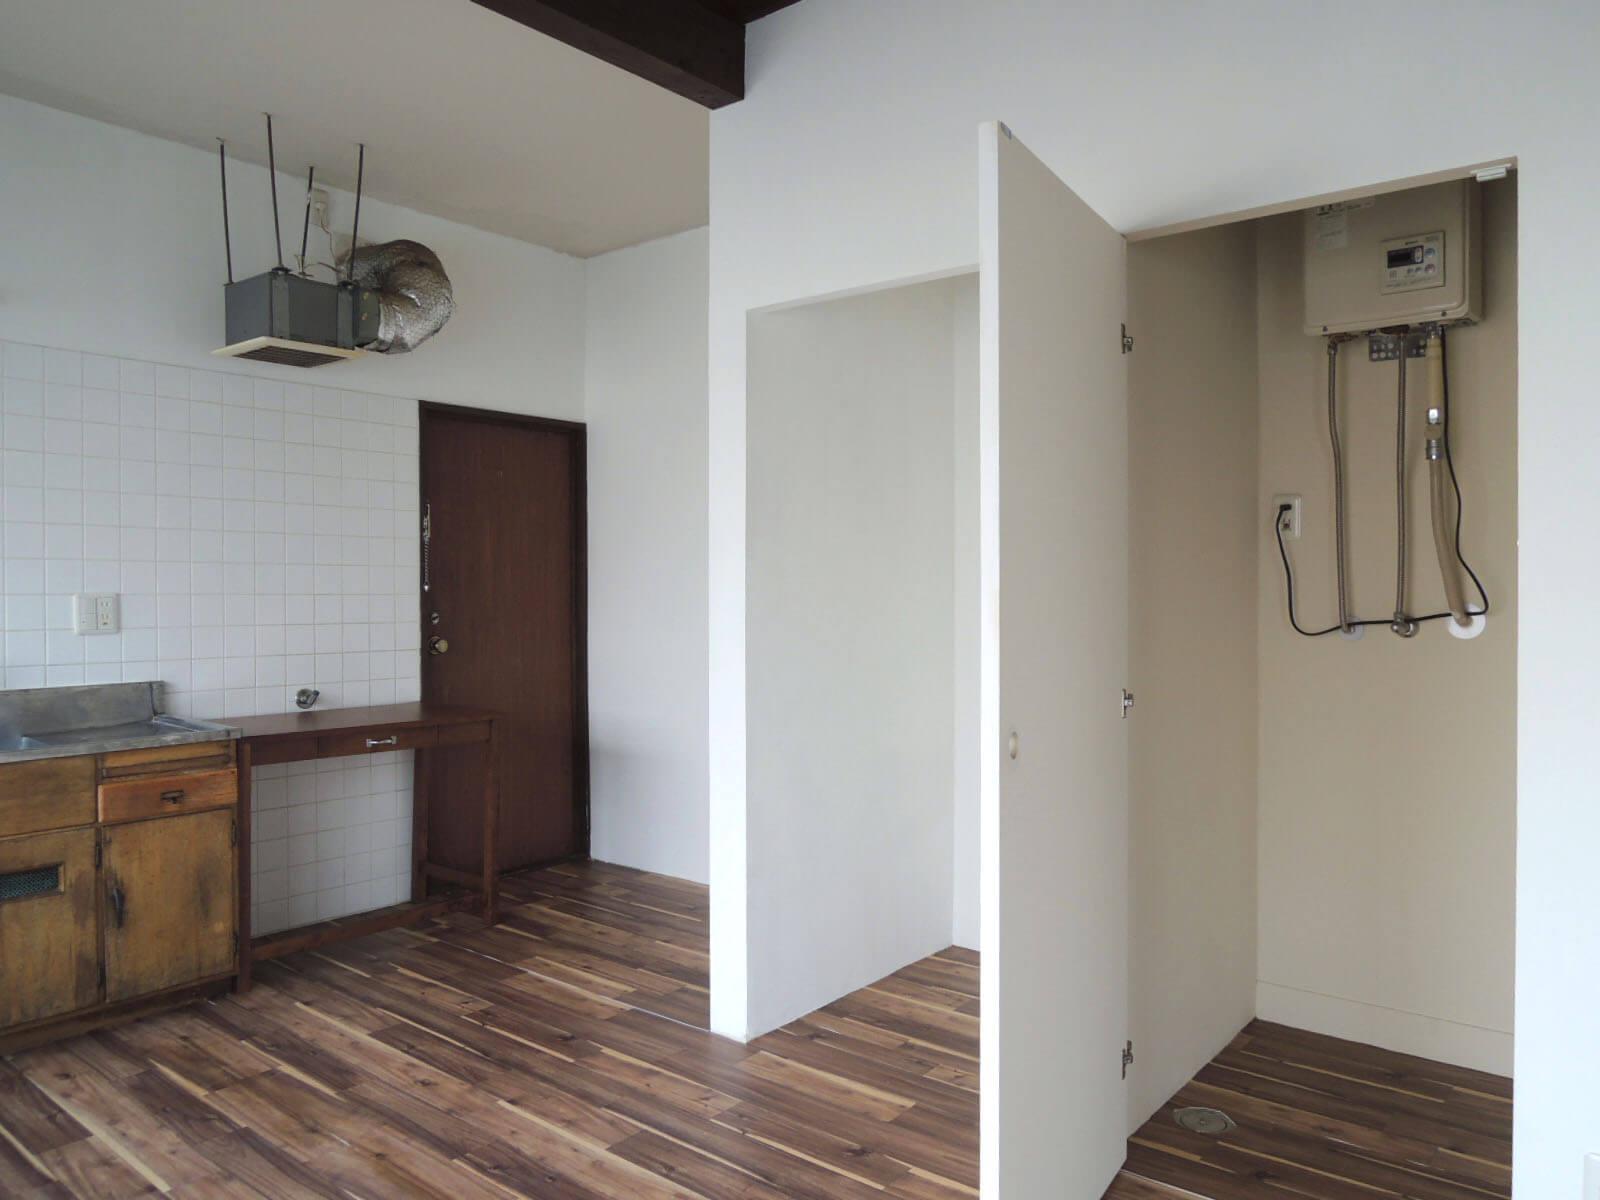 右の箱は洗濯機置場、左の箱は冷蔵庫置場